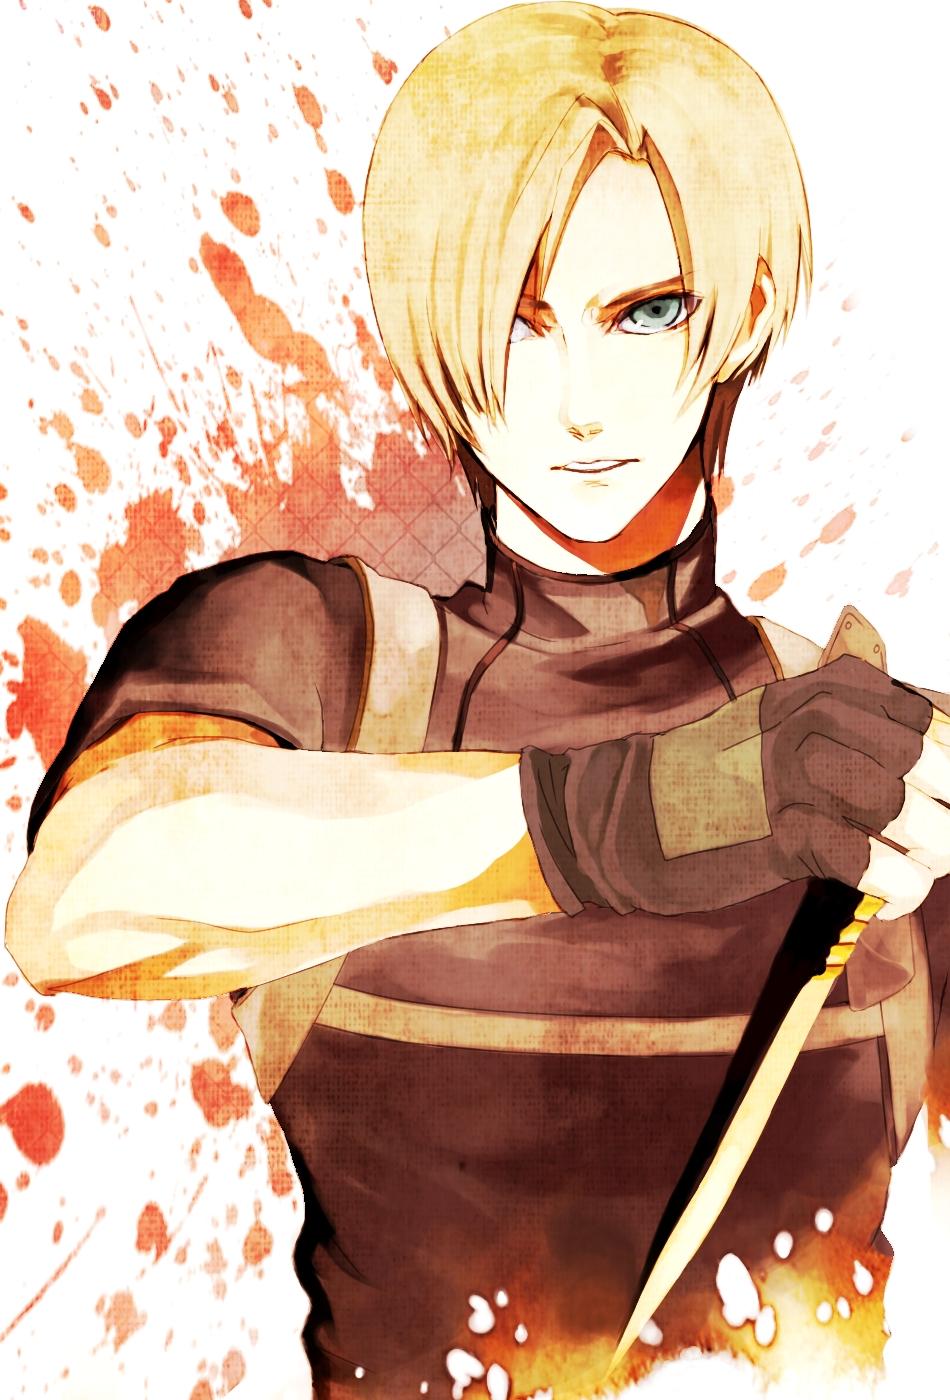 leon scott kennedy resident evil 2 zerochan anime